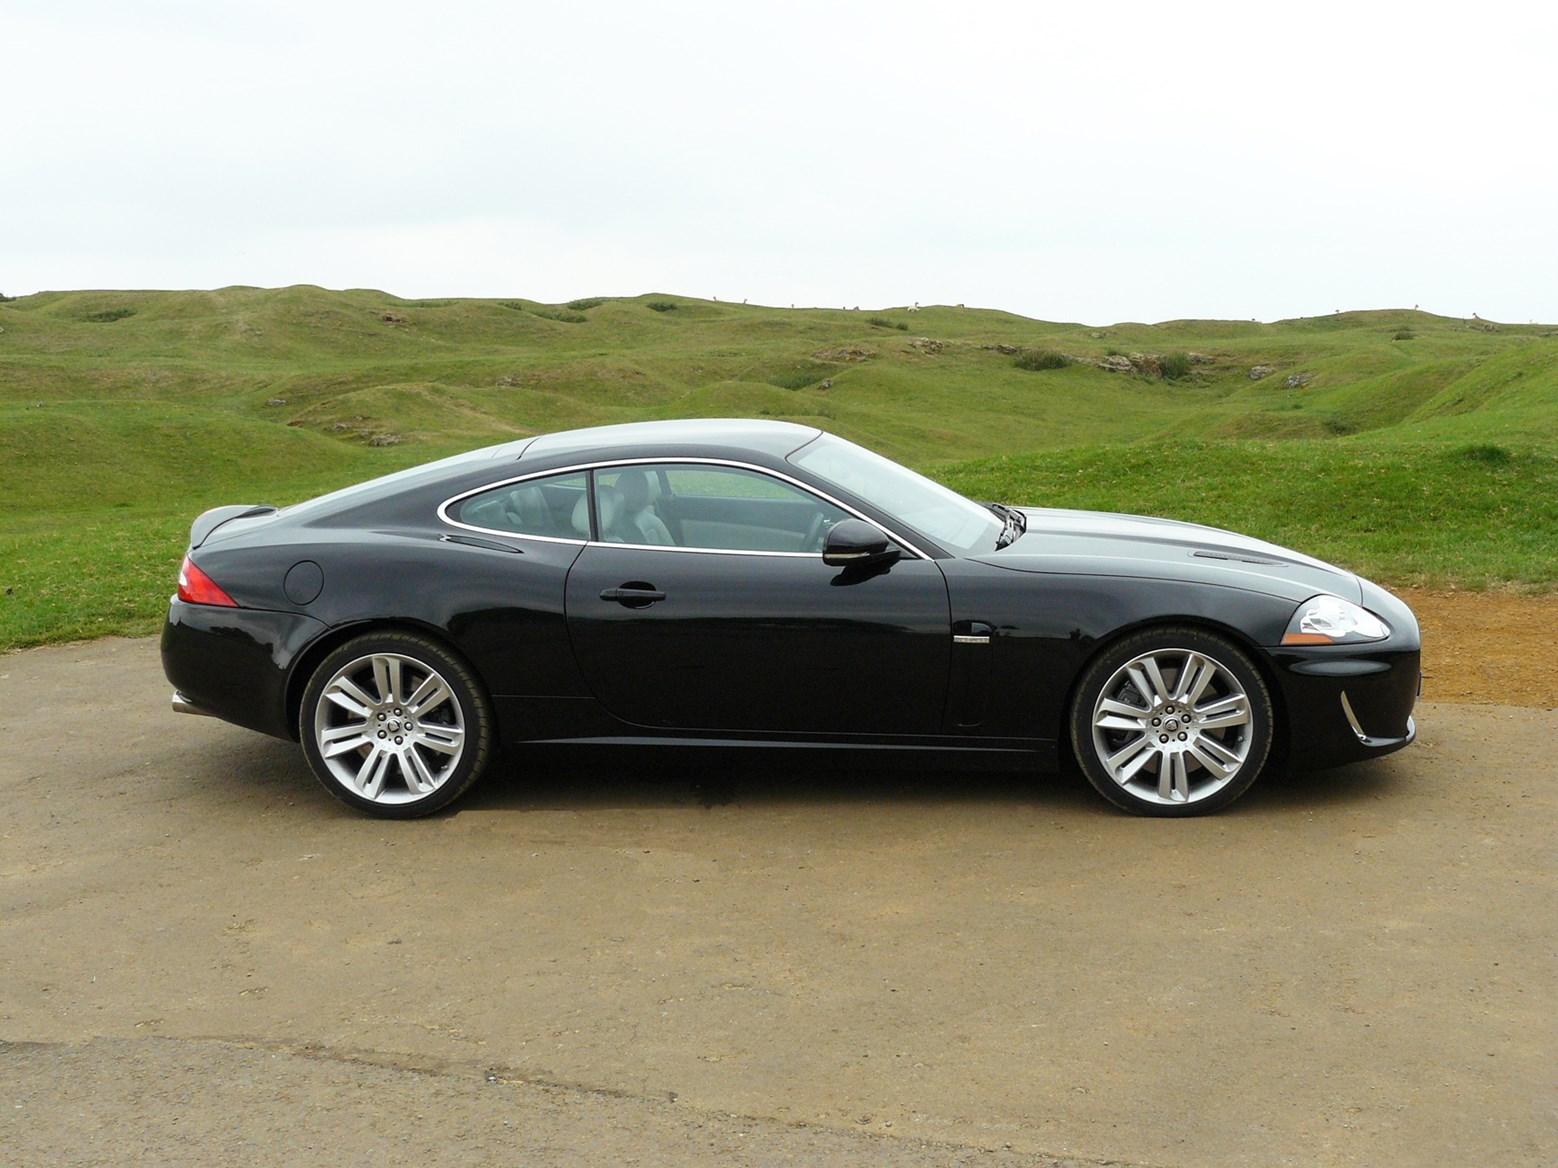 Used Jaguar XK R (2006 - 2014) Review | Parkers